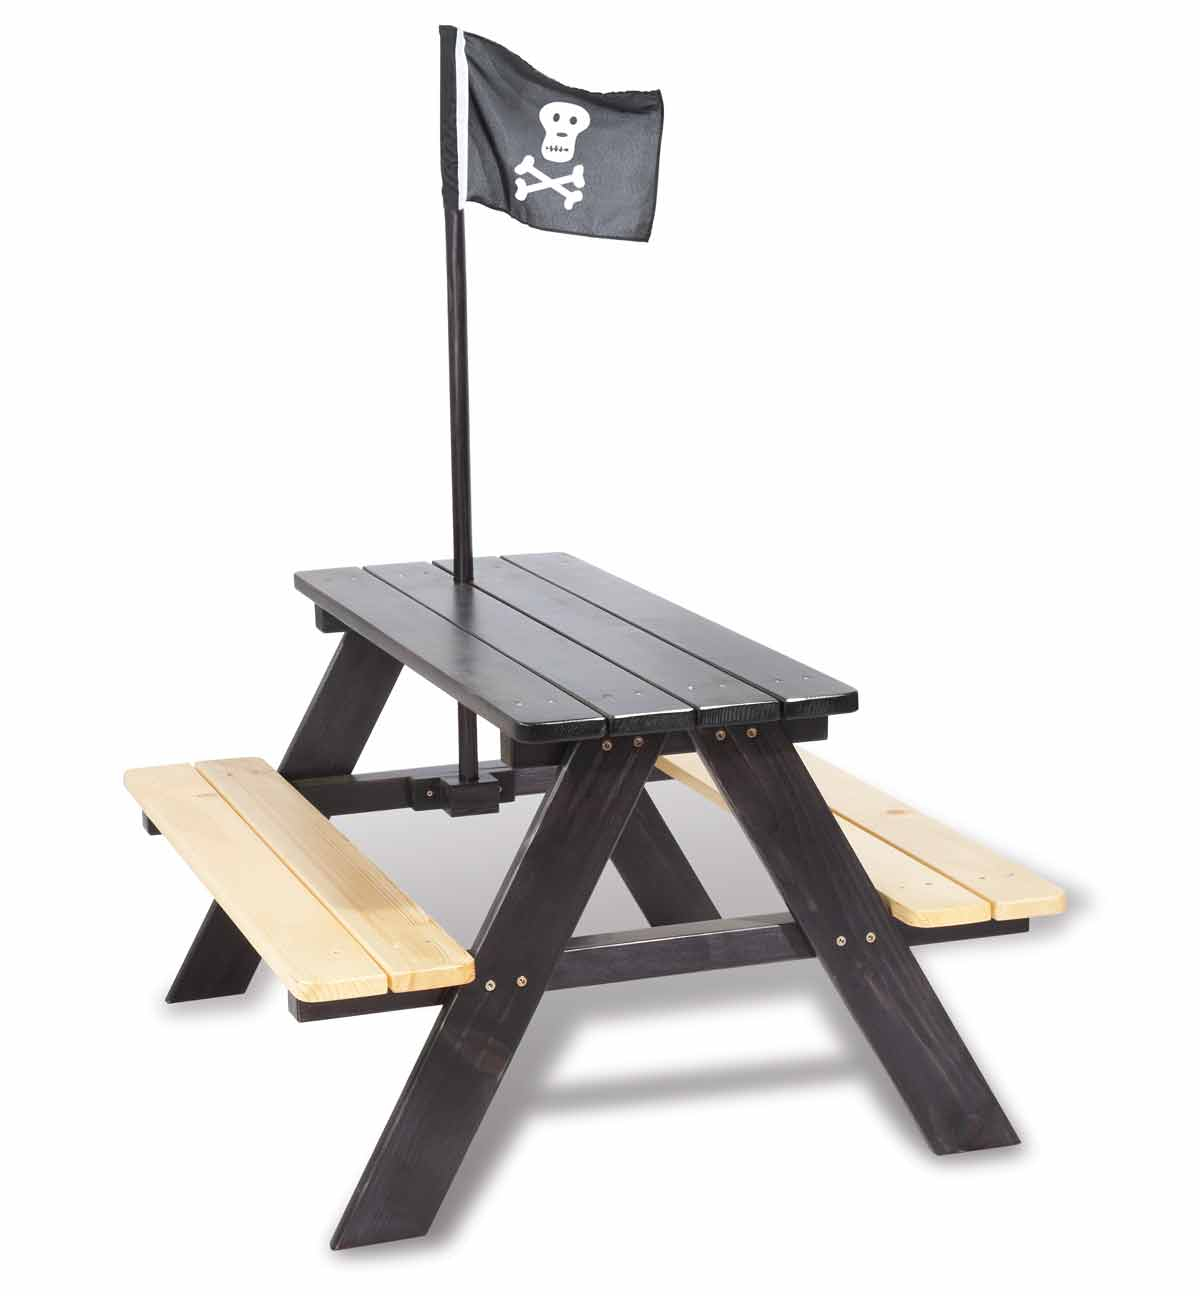 Table Extérieur Enfant En Bois, En Pin Massif, Pirate, Pinolino concernant Table Jardin Bois Enfant